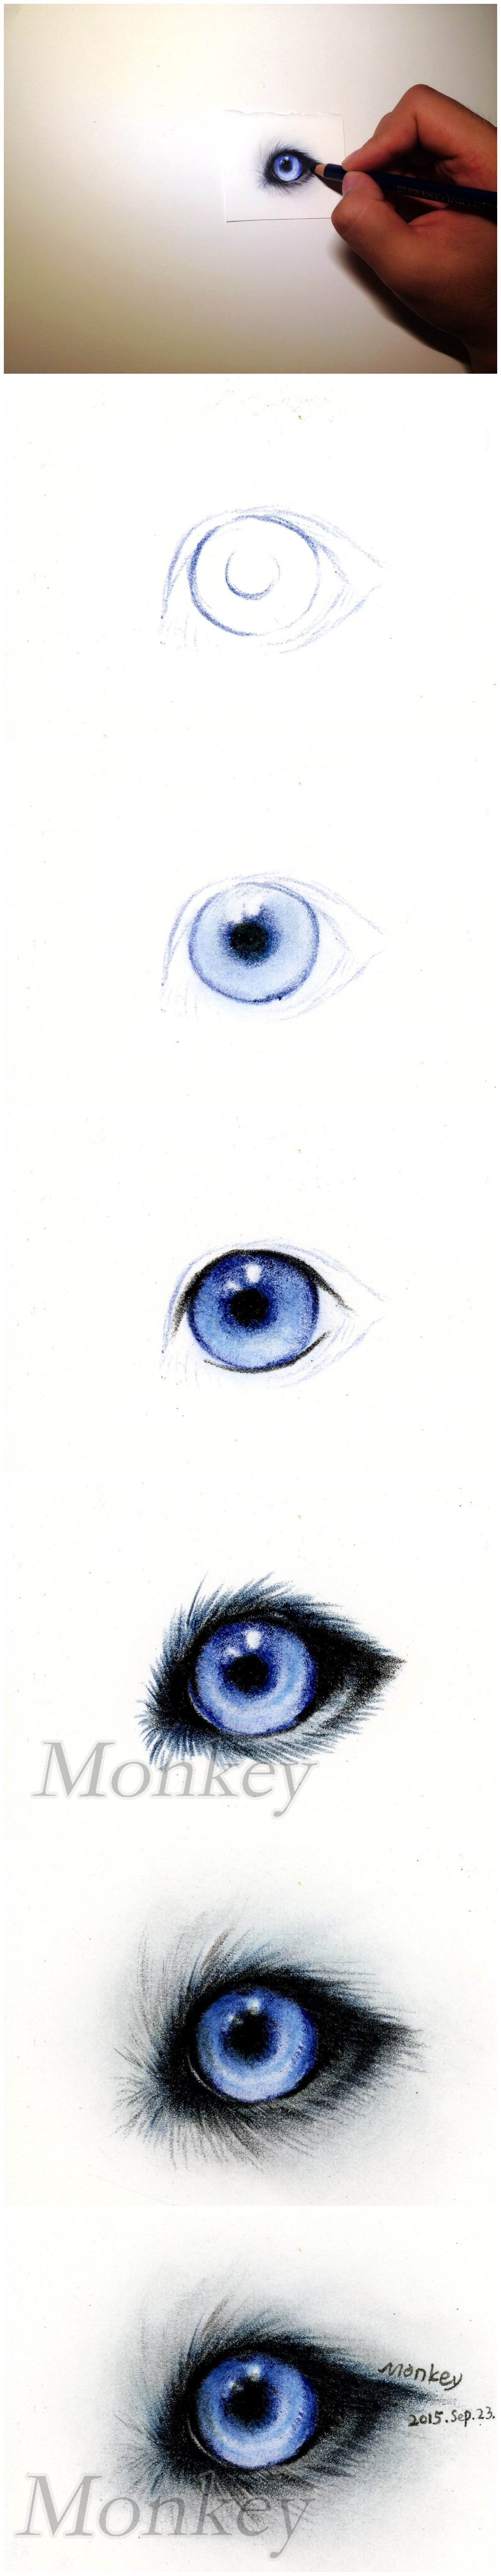 哈士奇眼睛教程